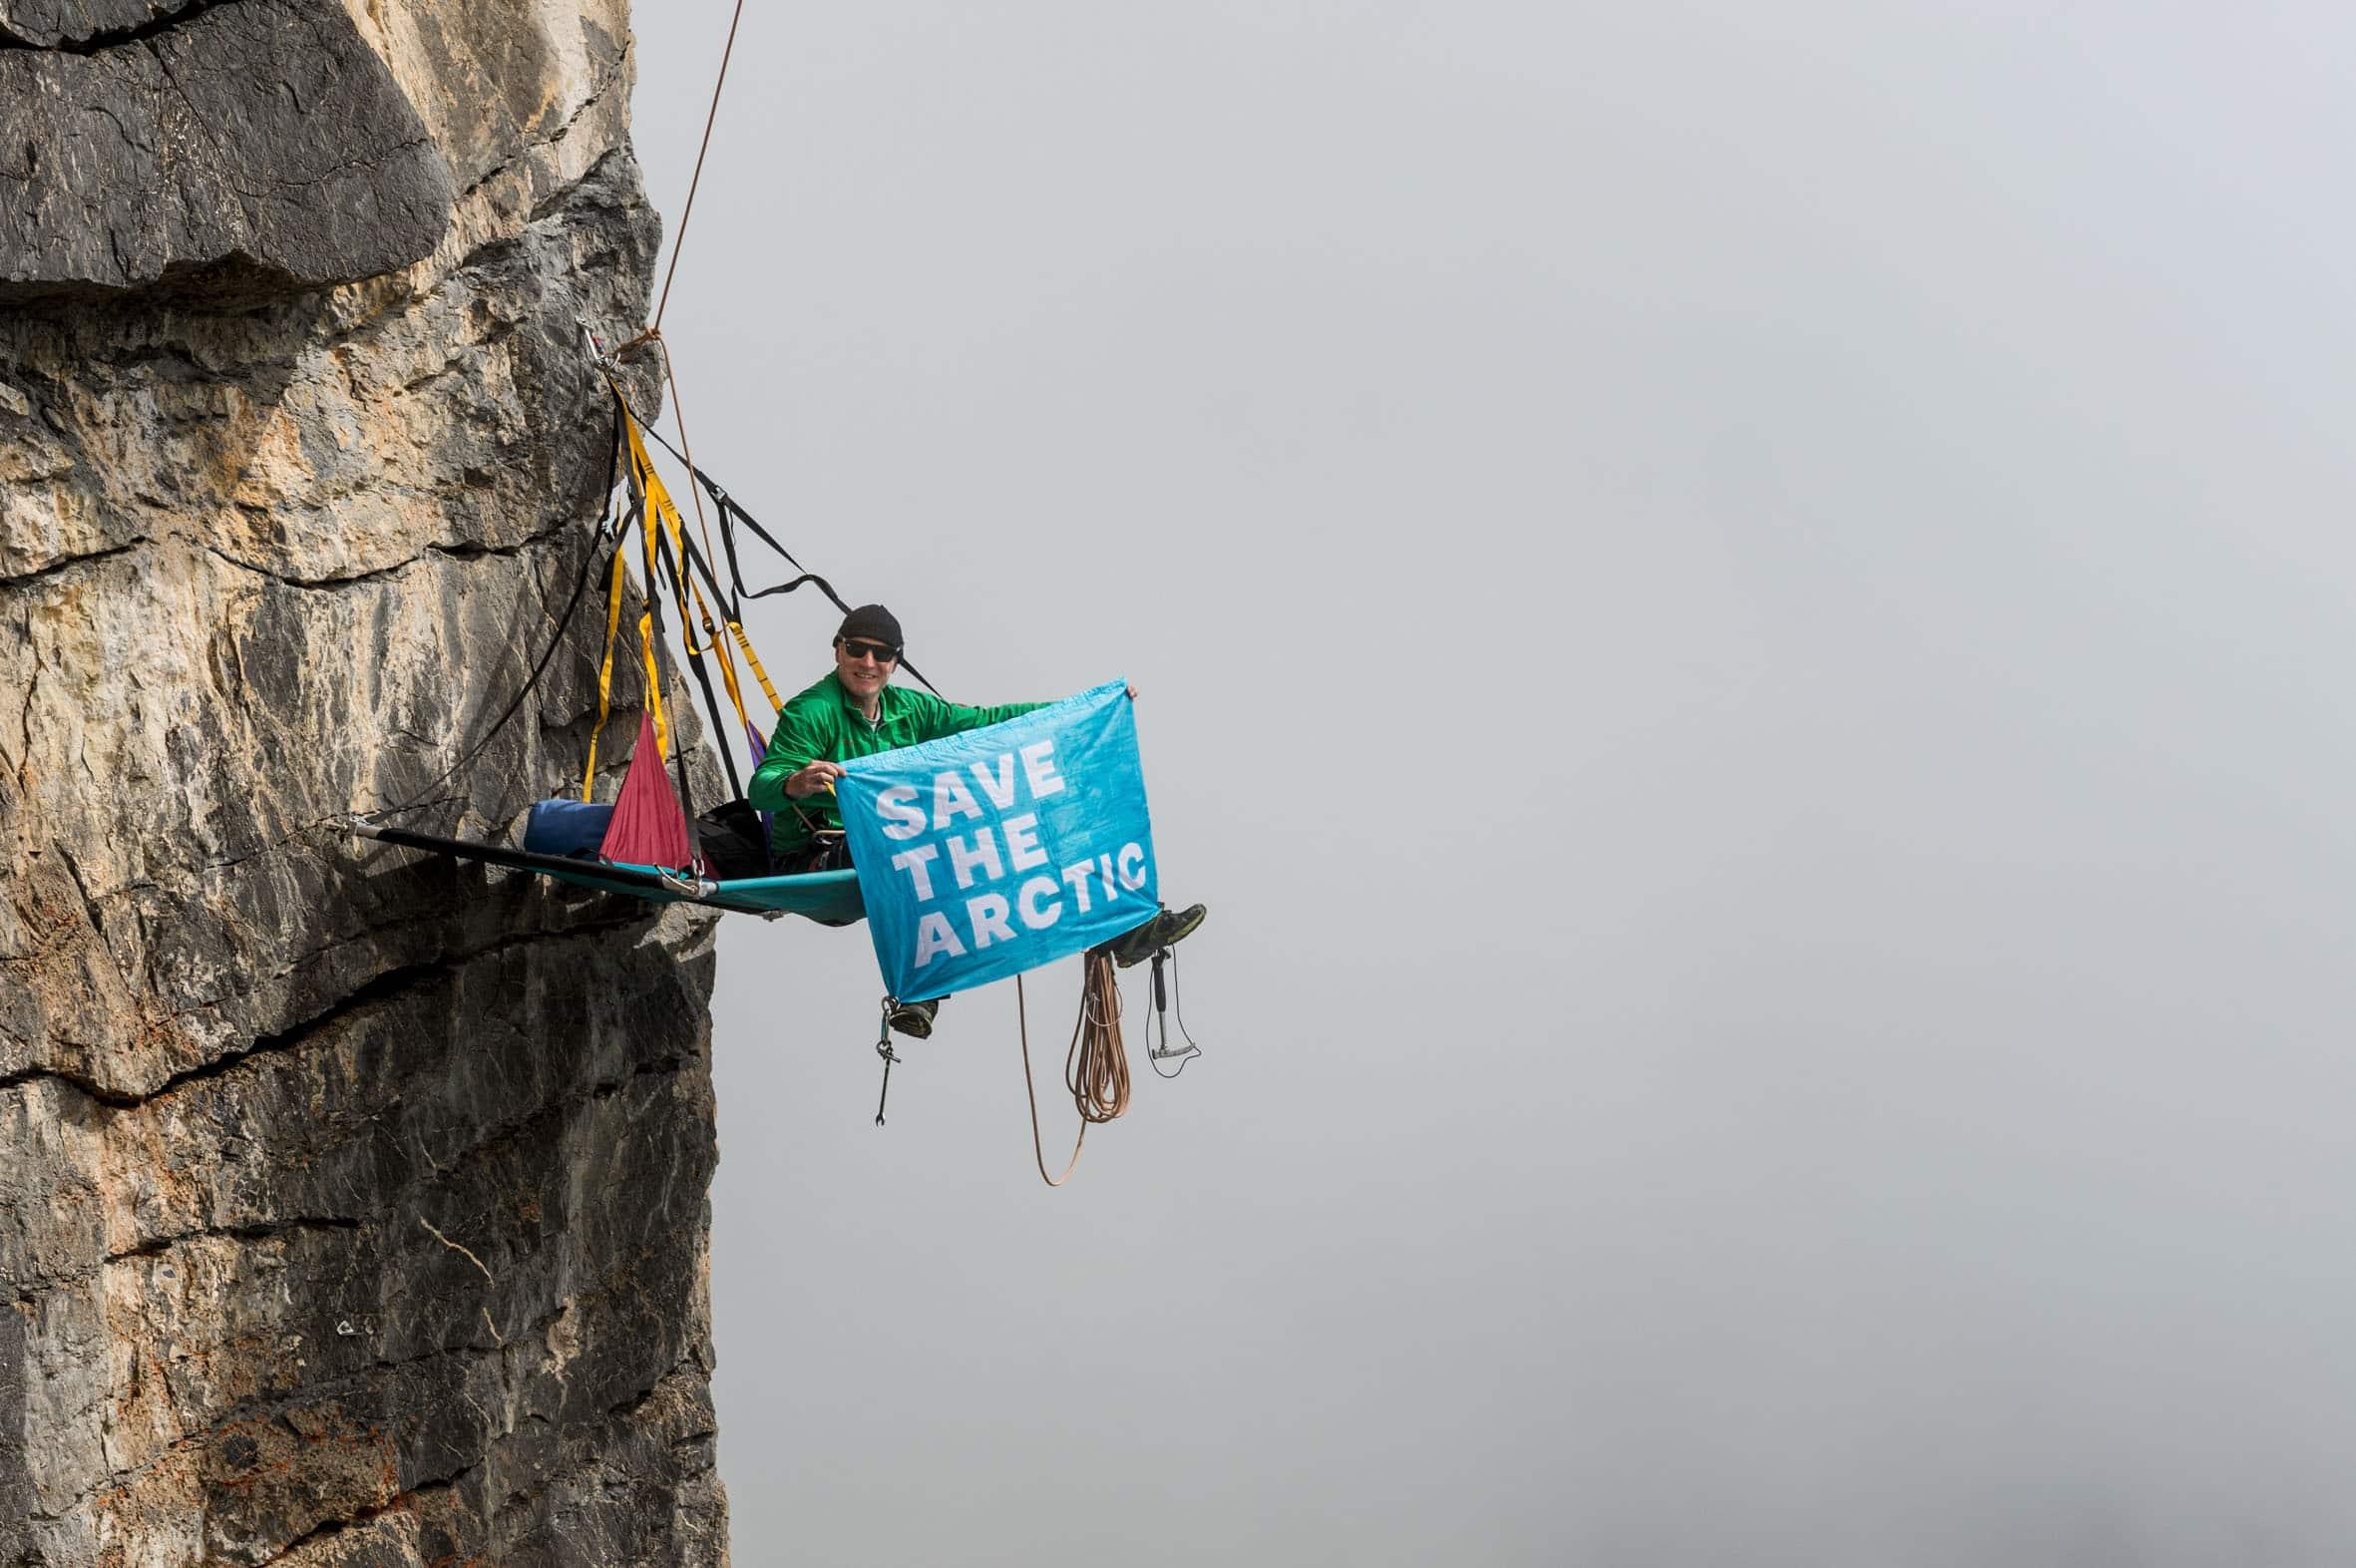 Bergführer, Fotograf und Polarguide Thomas Ulrich setzt sich für den Schutz der Arktis ein.